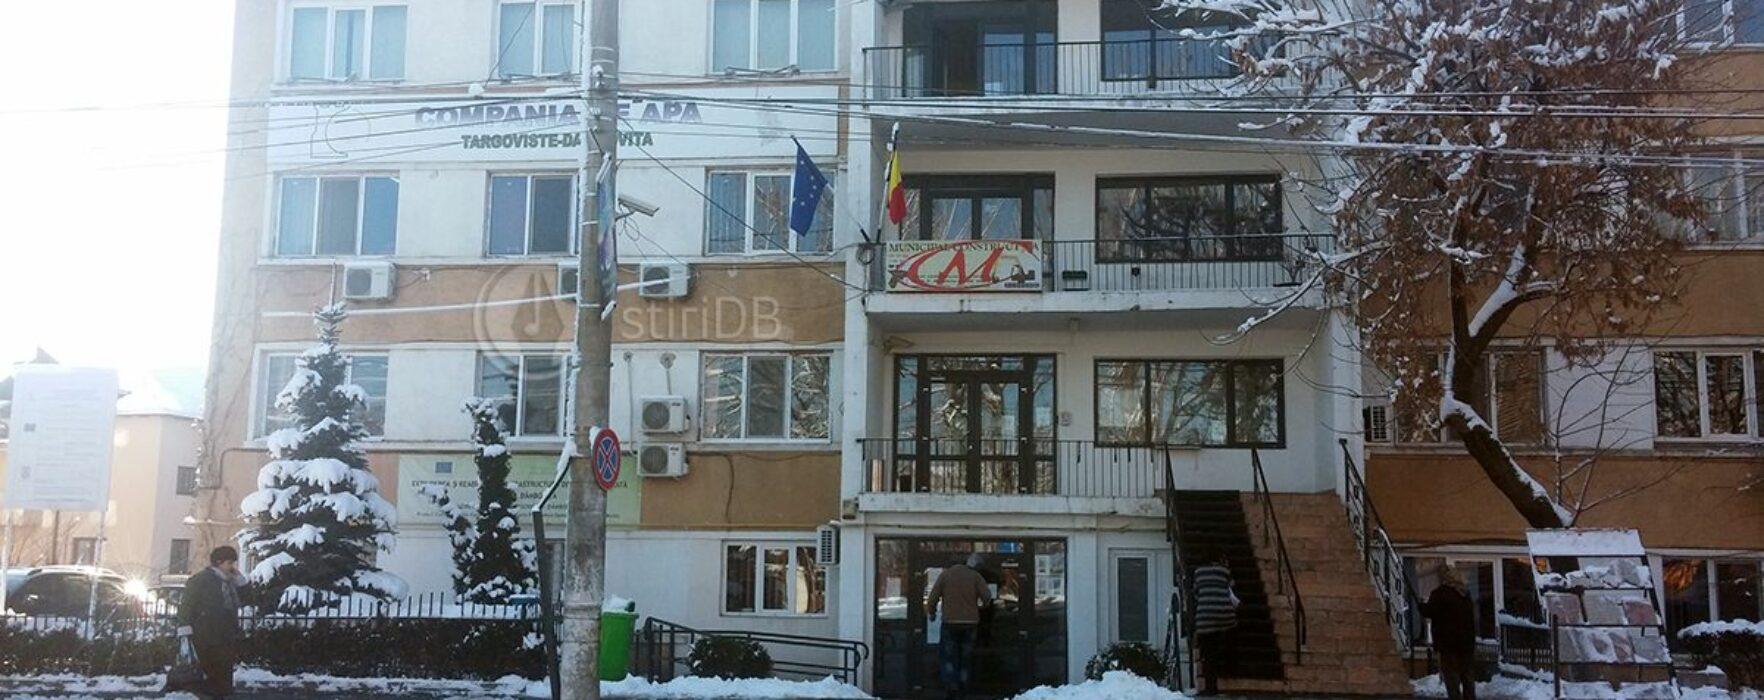 Compania de Apă Târgovişte Dâmboviţa contestă amenzile primite de la Garda de Mediu